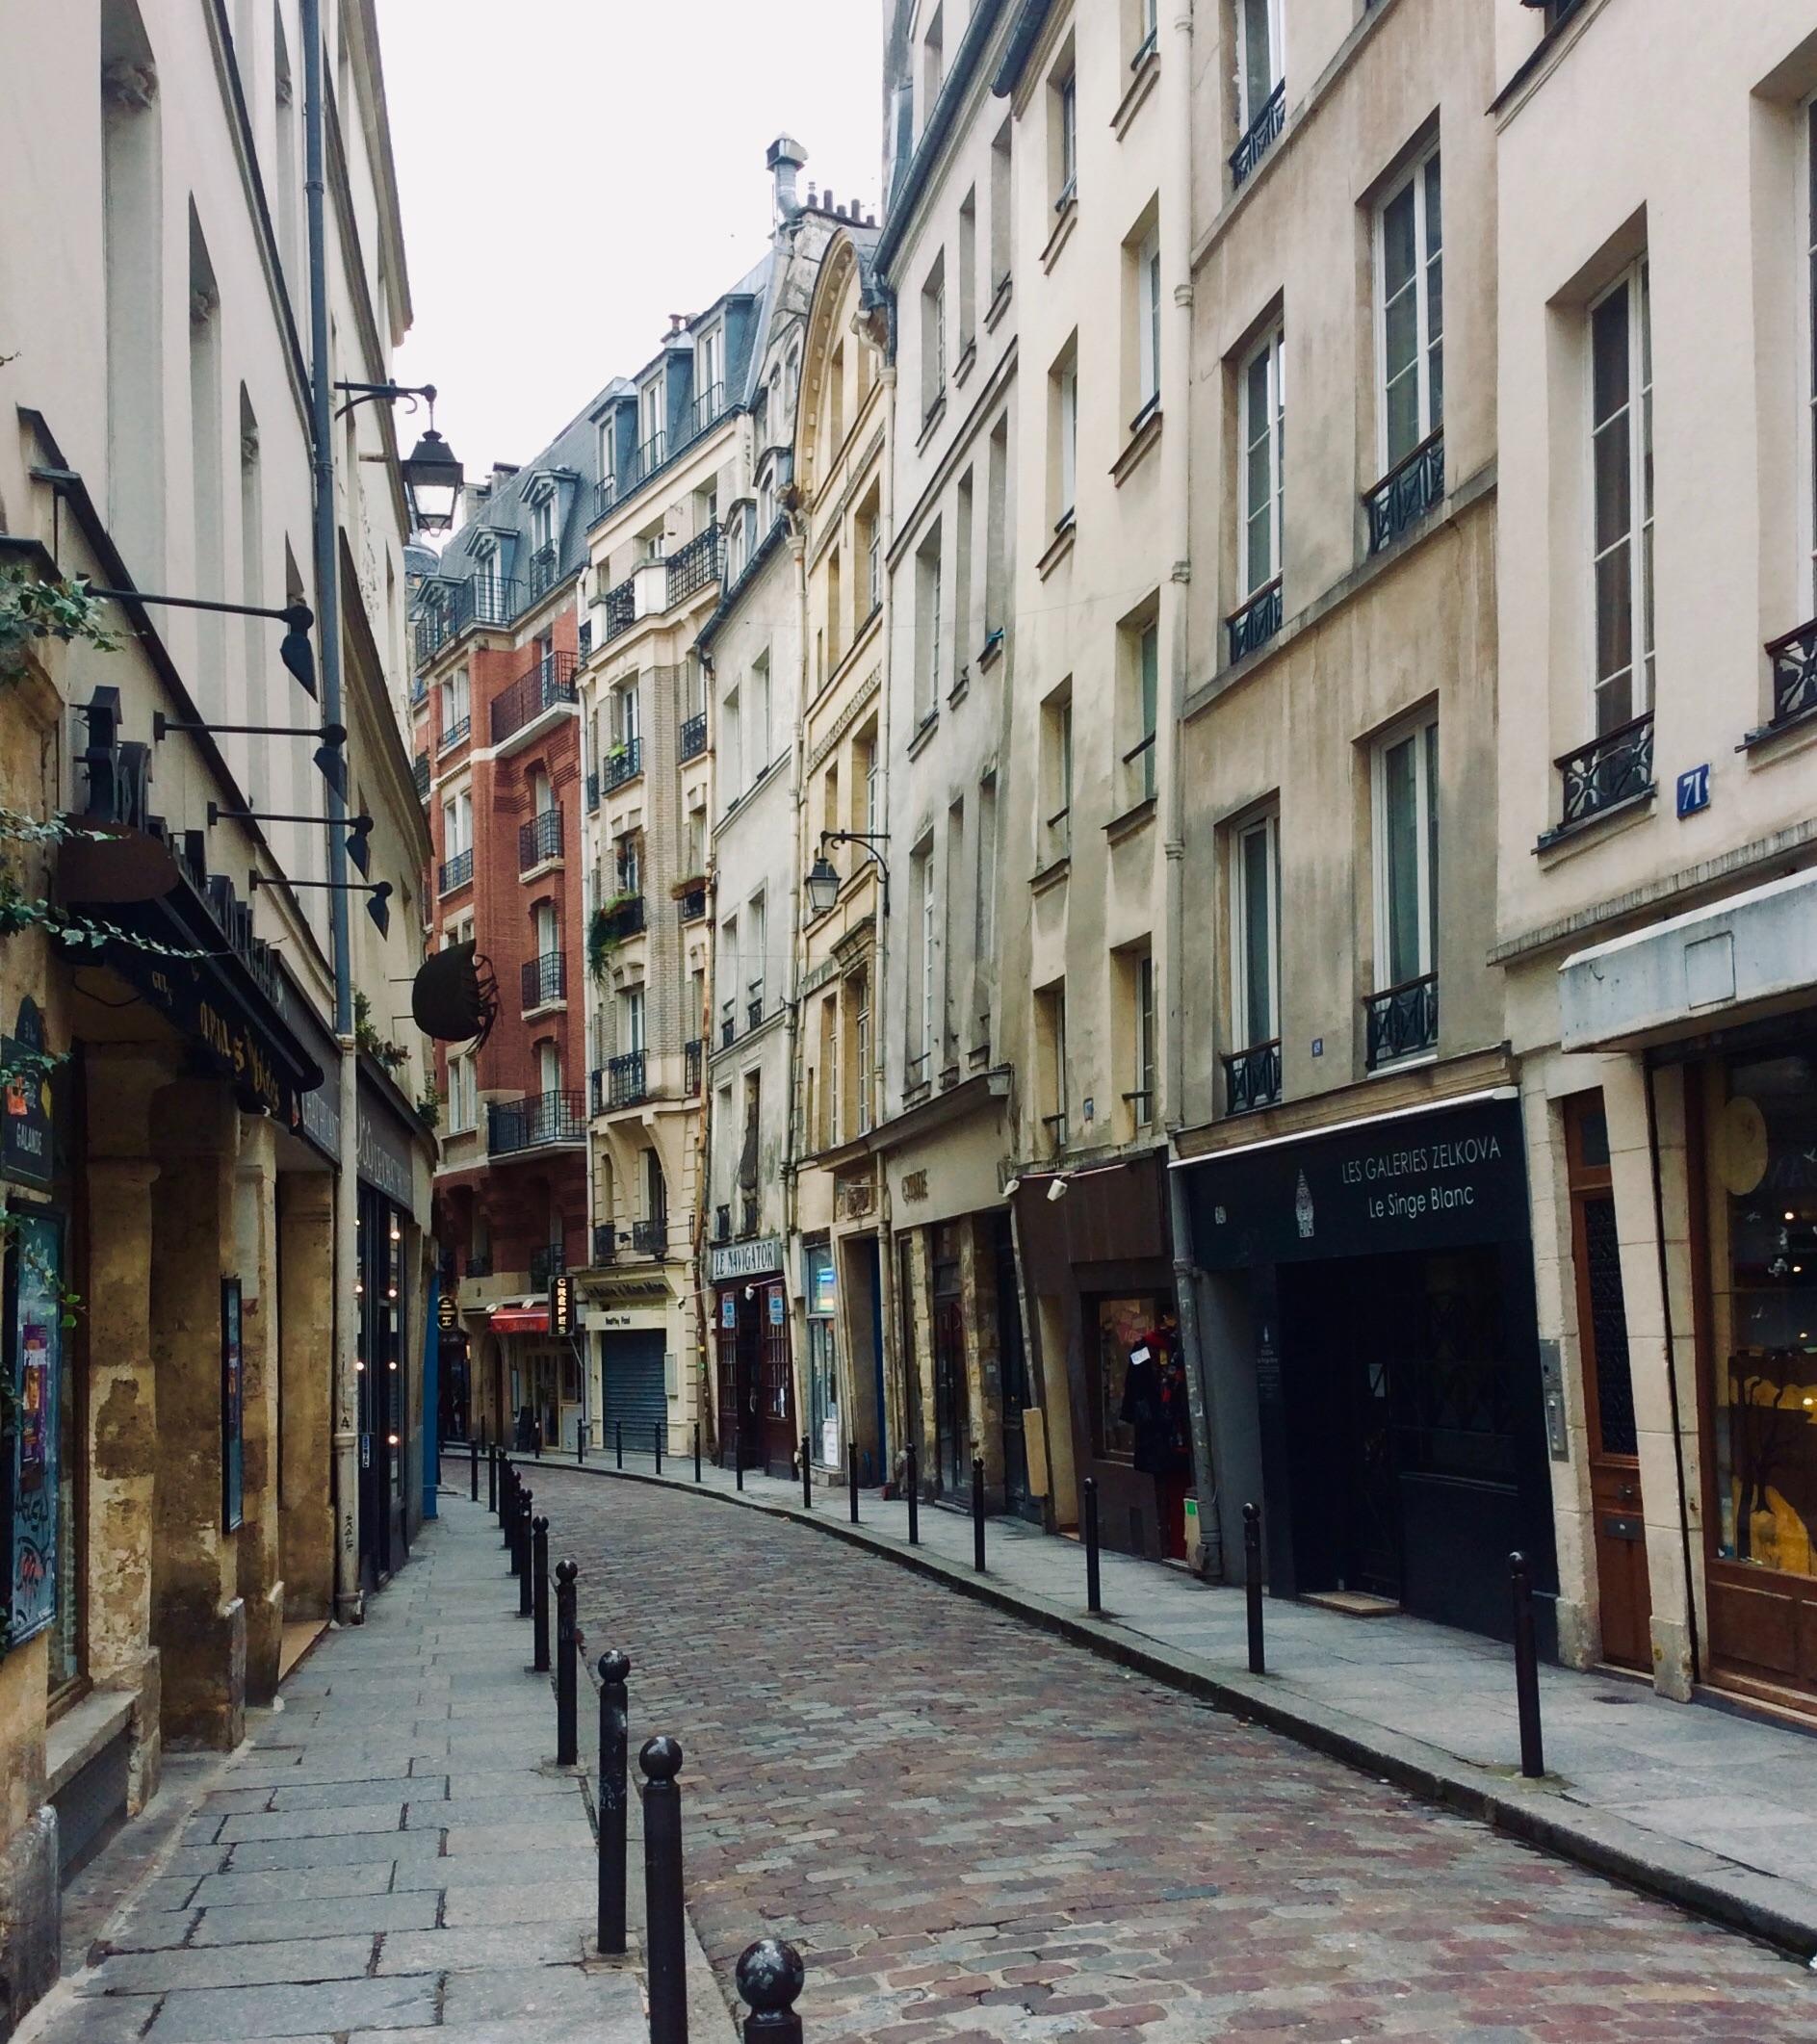 f:id:paris_commune:20190717152205j:image